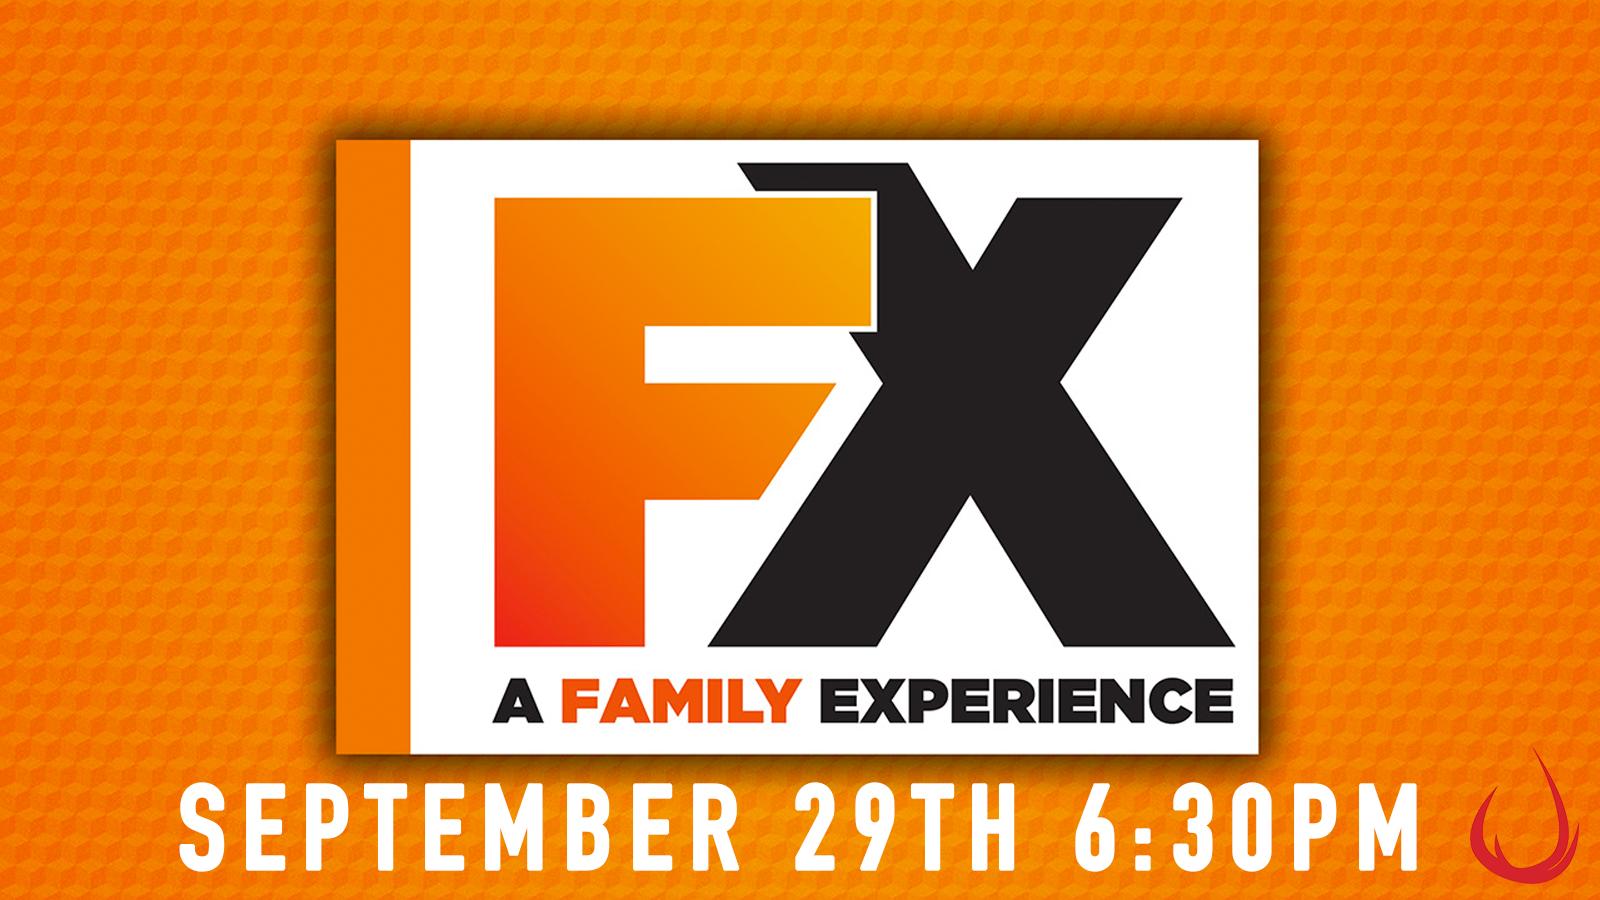 FX-Family Experience (16x9)